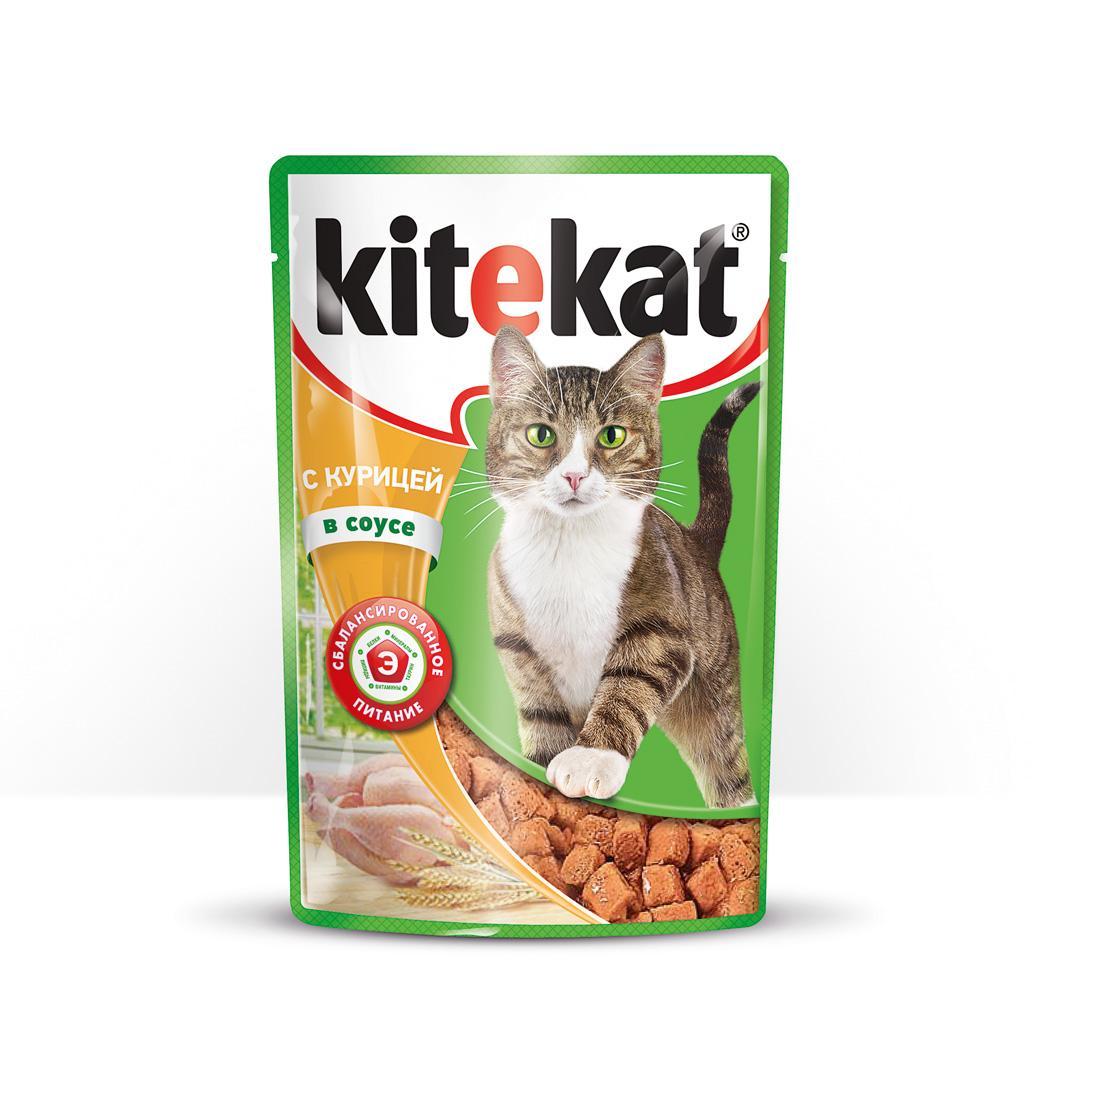 Консервы Kitekat для взрослых кошек, с курицей в соусе, 100 г10174Консервы для взрослых кошек Kitekat - полнорационный сбалансированный корм для кошек, который идеально подойдет вашему любимцу. Аппетитные мясные кусочки в нежном соусе содержат все питательные вещества, витамины и минералы, необходимые для сбалансированного питания вашей кошки каждый день. В рацион домашнего любимца нужно обязательно включать консервированный корм, ведь его главные достоинства - высокая калорийность и питательная ценность. Консервы лучше усваиваются, чем сухие корма. Также важно, что животные, имеющие в рационе консервированный корм, получают больше влаги. Корм не содержит сои, консервантов, ароматизаторов, искусственных красителей, усилителей вкуса. Состав: мясо и субпродукты (в том числе курица минимум 10%), злаки, растительное масло, таурин, витамины, минеральные вещества. Анализ: белки - 6,5 г, жиры - 3,5 г, клетчатка - 0,3 г, зола - 2,5 г, витамин А - не менее 70 МЕ мг, витамин Е - не менее 0,9 мг, влага - 84 г. Вес 100 г. ...